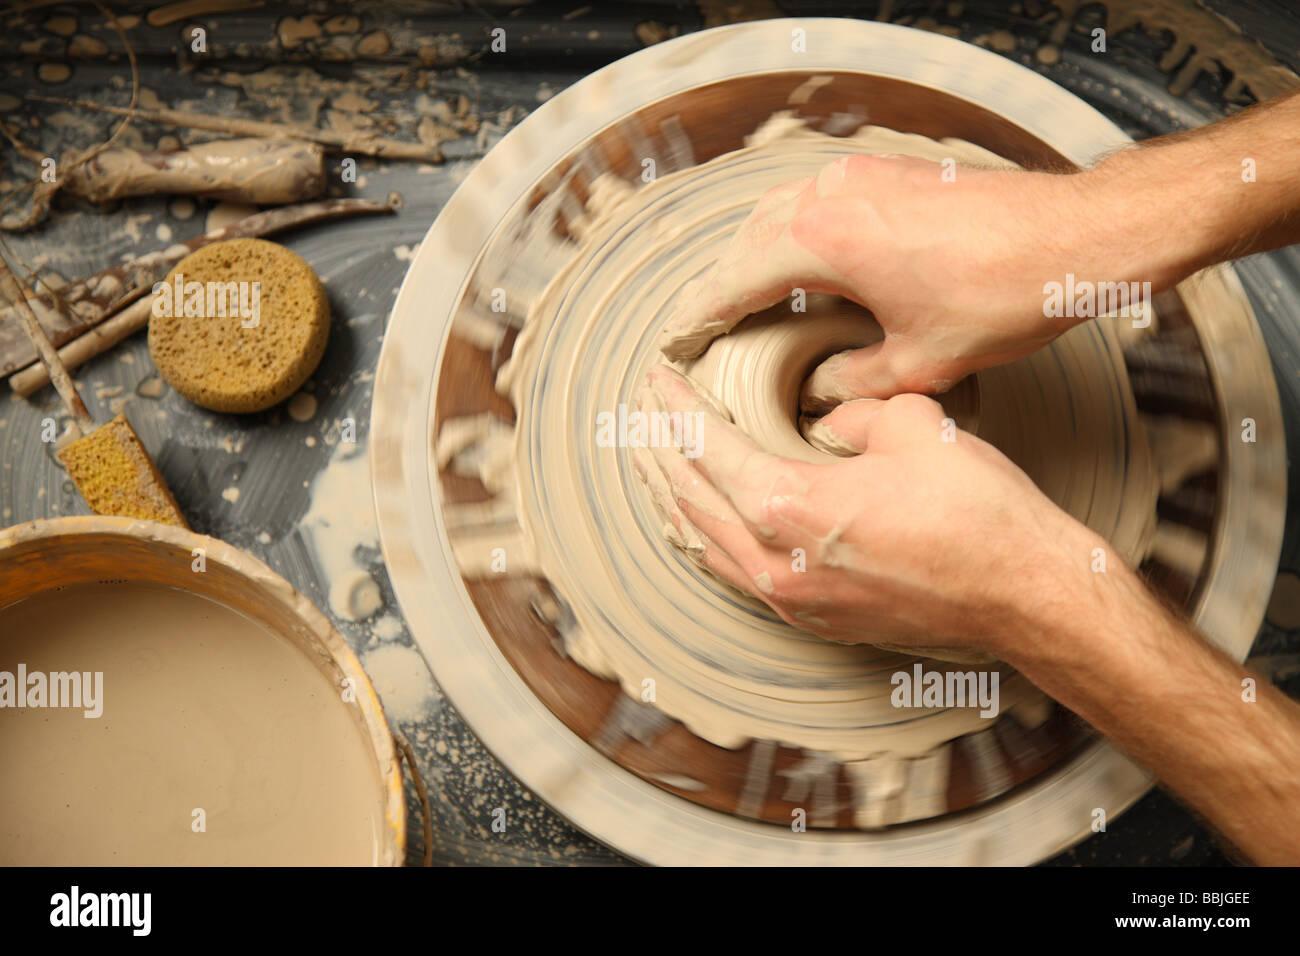 Nahaufnahme der Hände Arbeit an der Töpferscheibe Stockbild